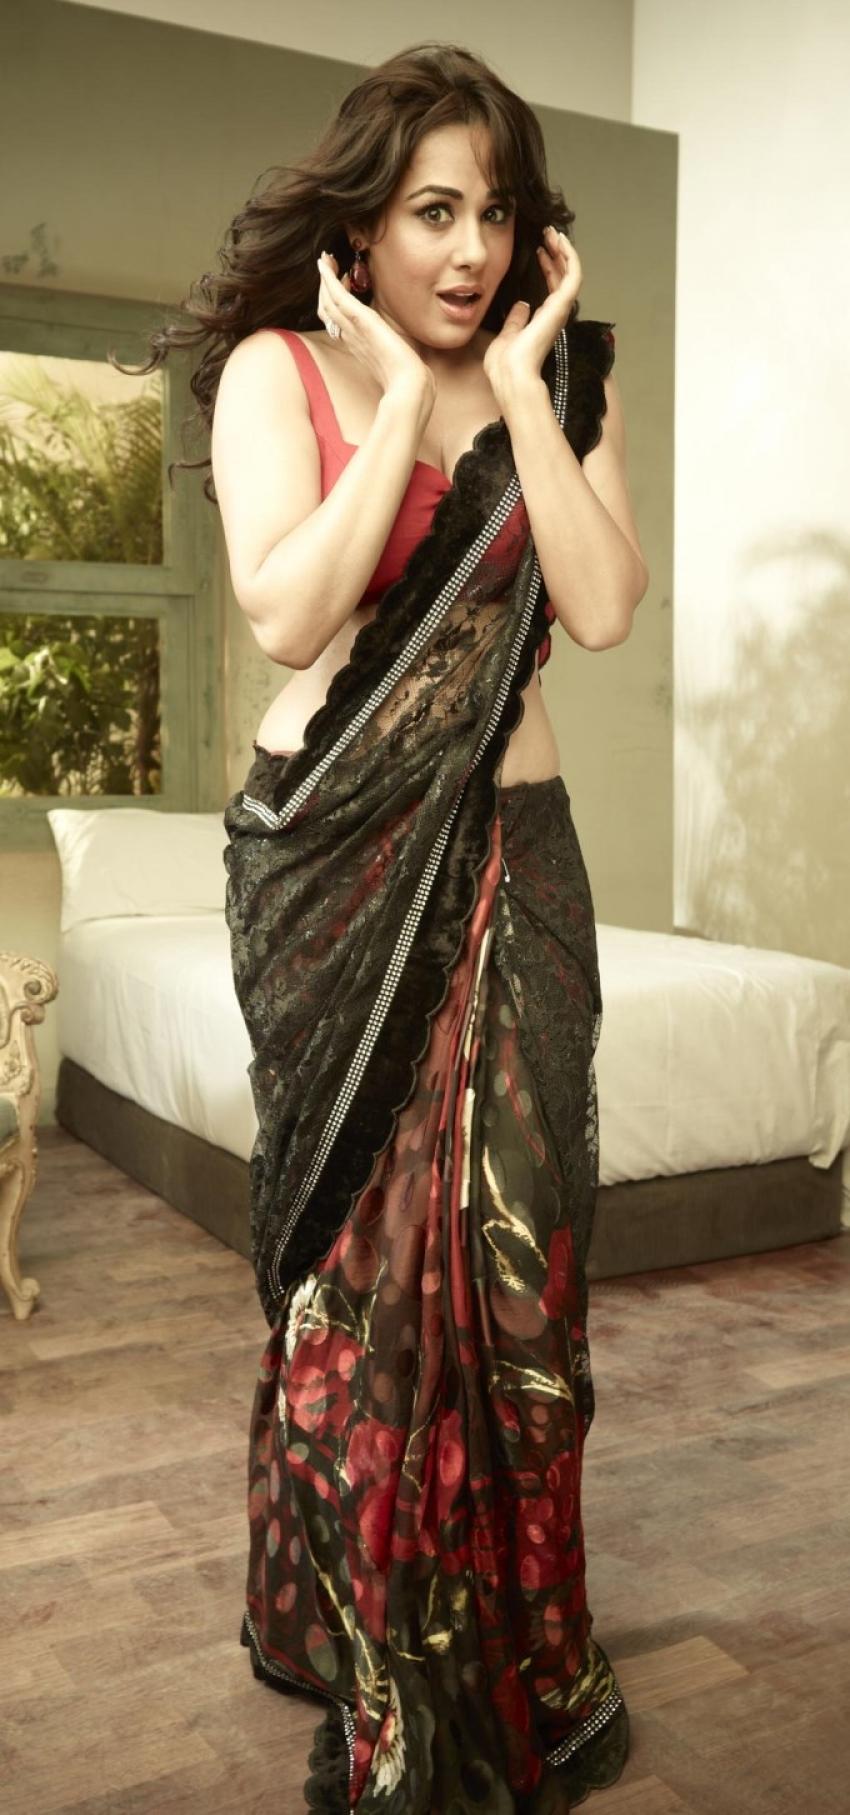 Mandy Takhar Photos